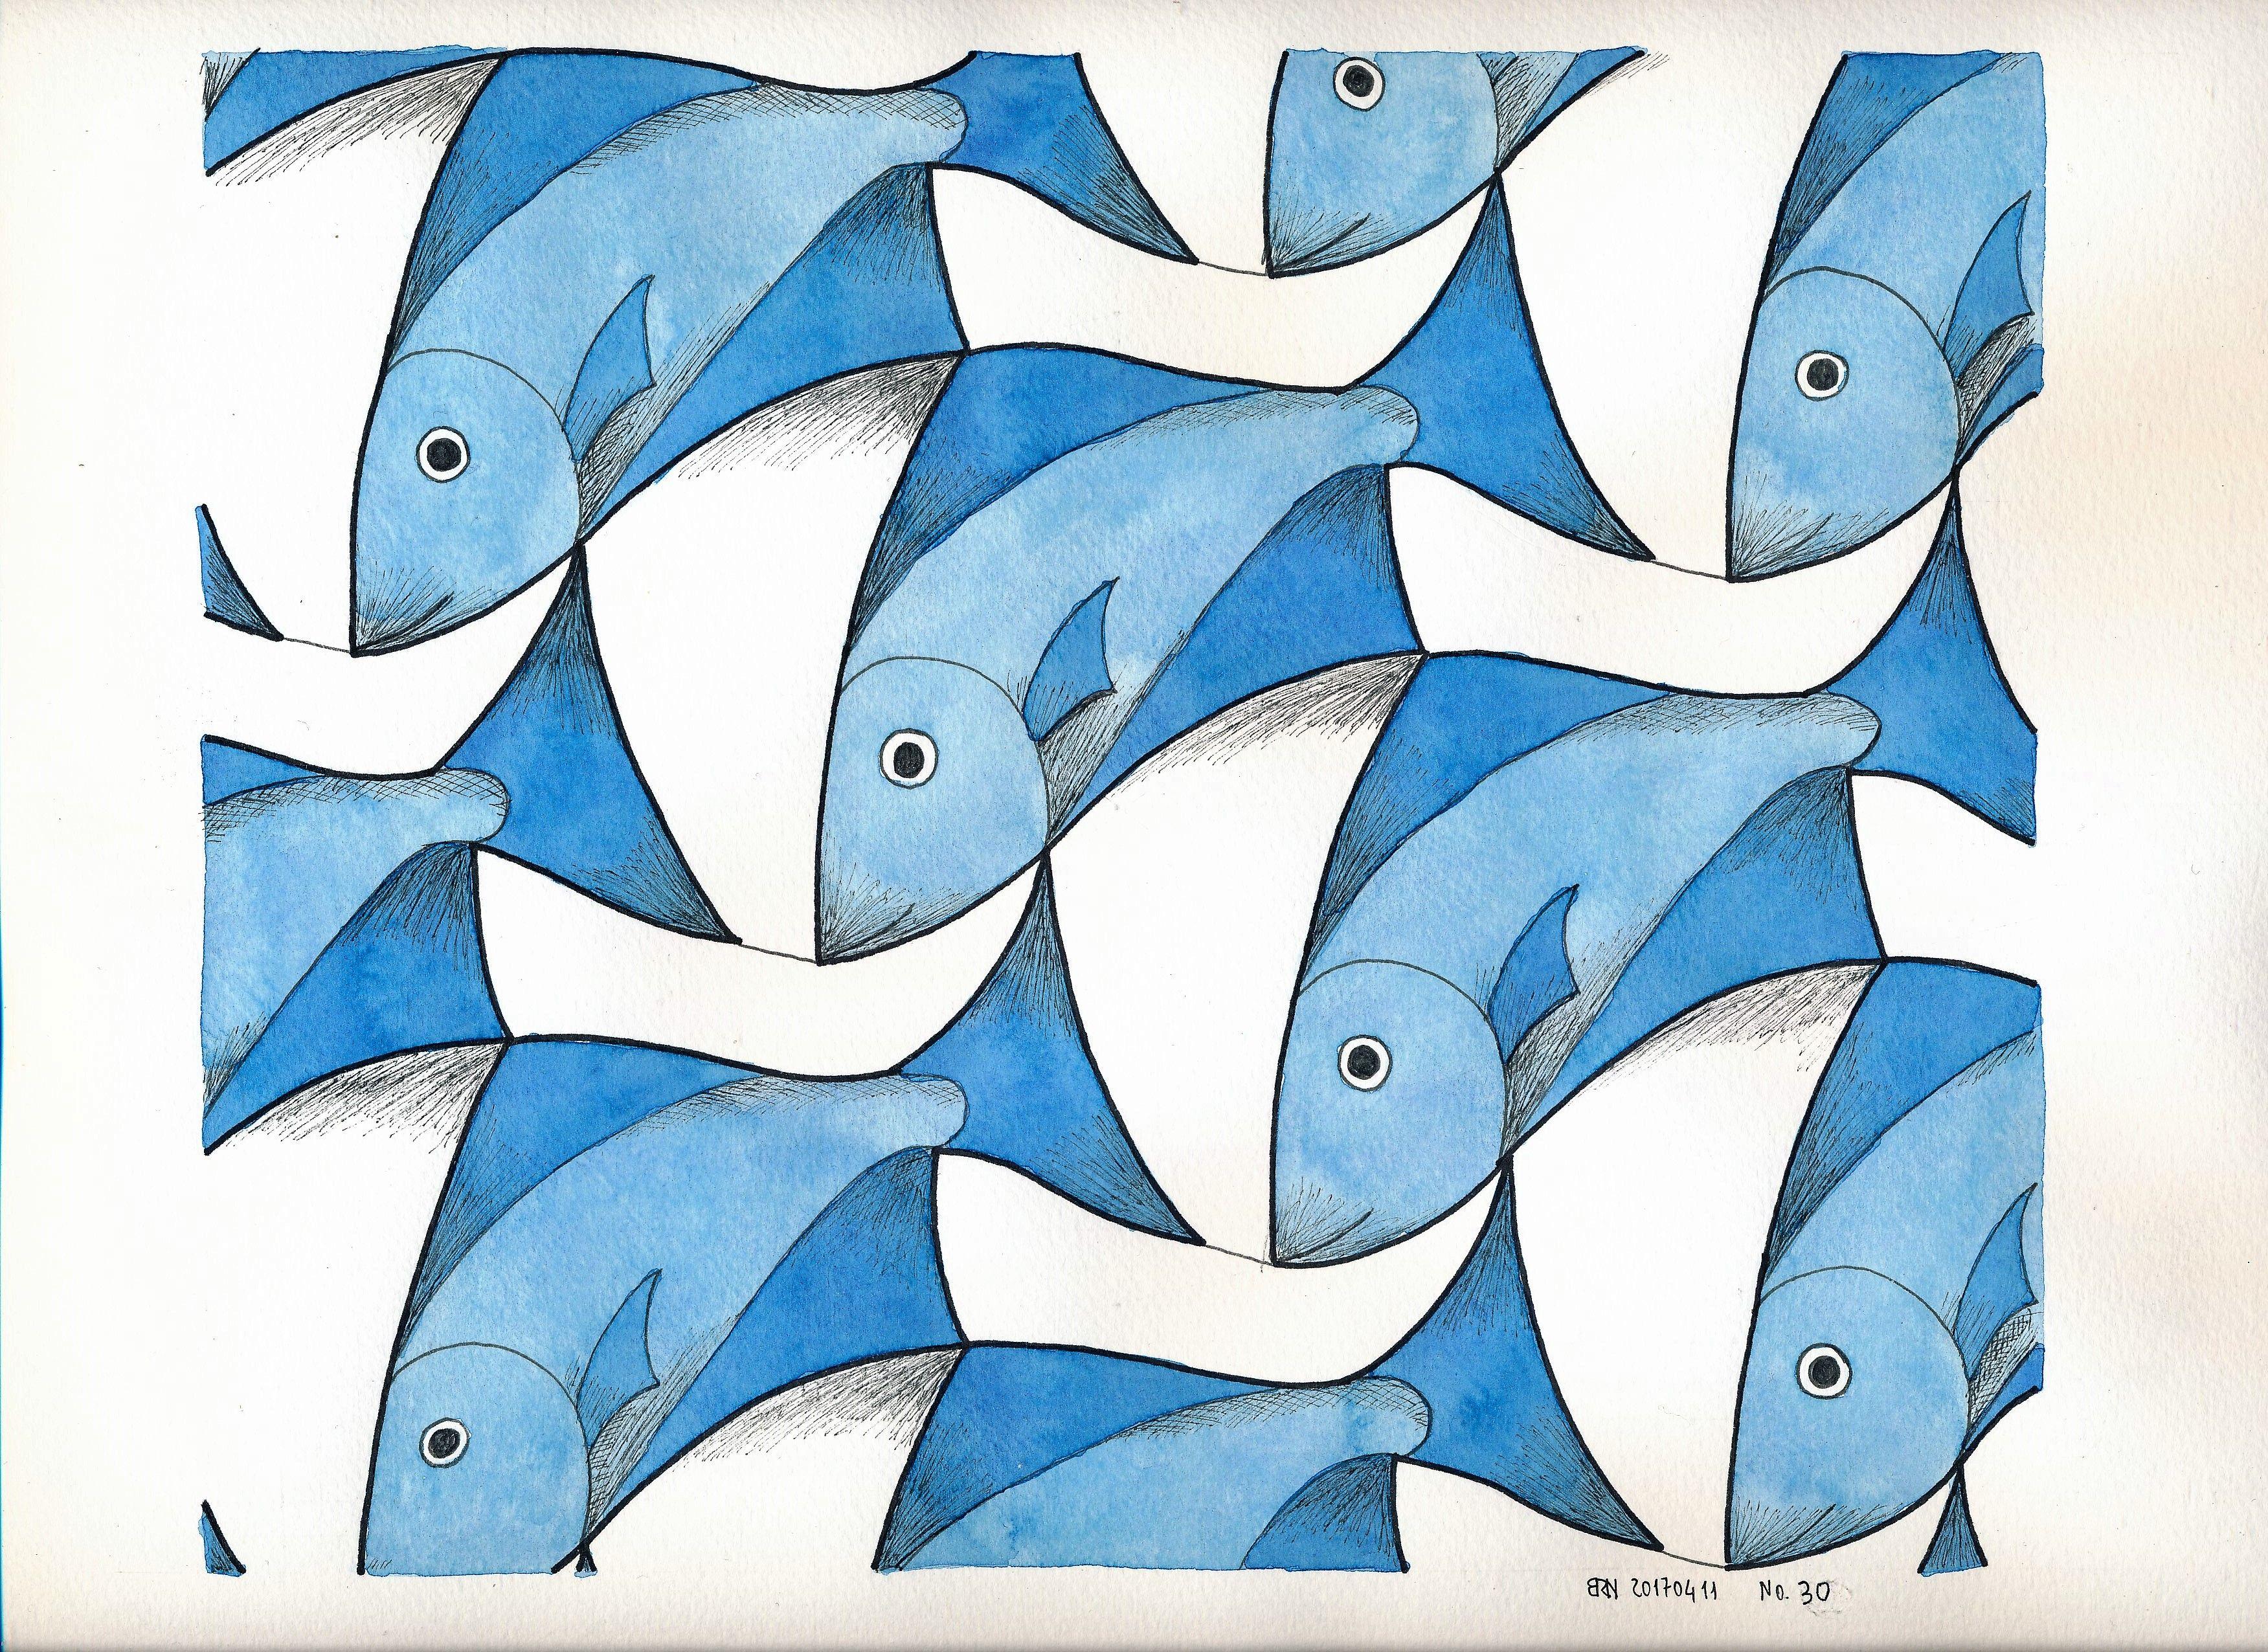 Escher 30 Symmetry Geometry Tessellation Tiling Handmade Structure Wallpaper Escher Fish Boat Mathart Regolo54 Arte Artistas Articulos